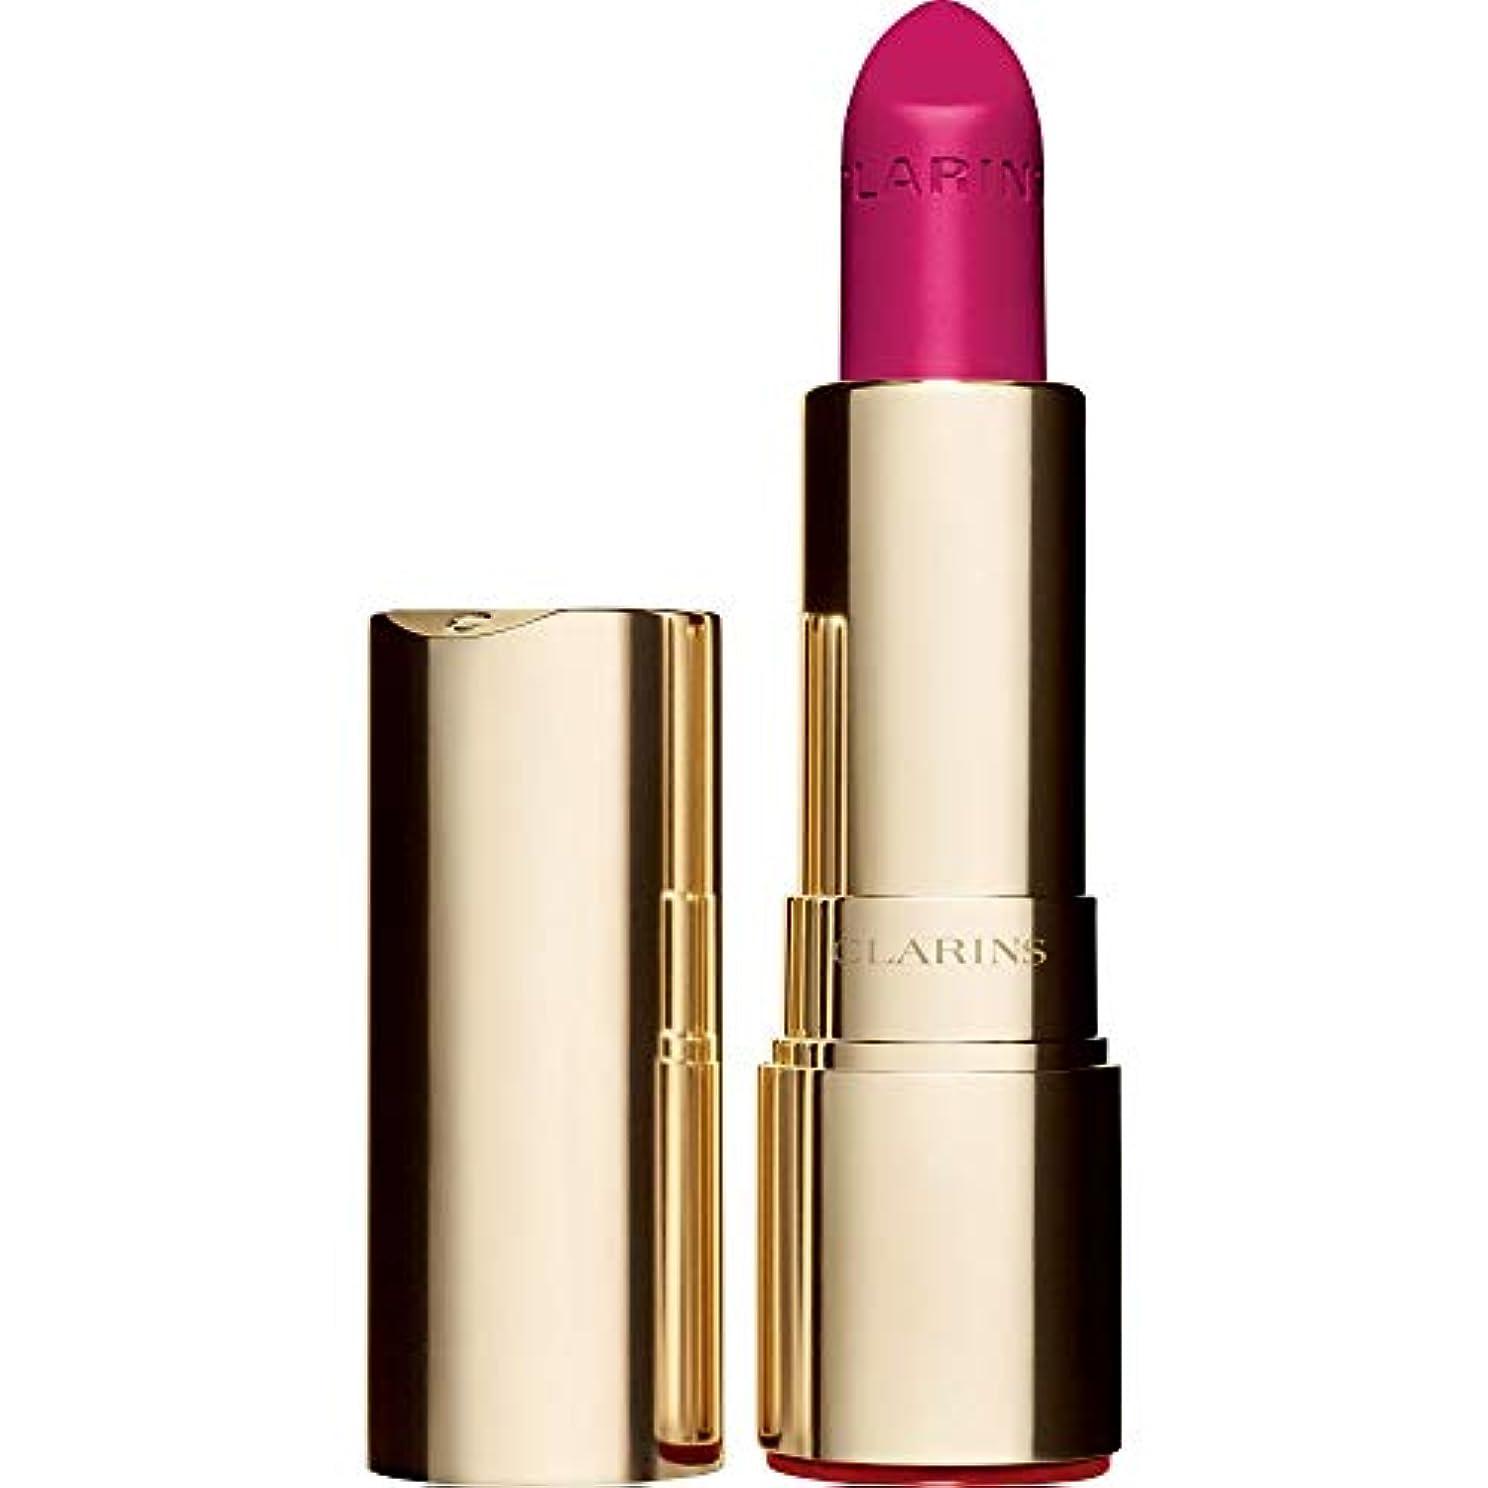 自動的にホテル掻く[Clarins ] クラランスジョリルージュのベルベットの口紅3.5グラムの713V - ホットピンク - Clarins Joli Rouge Velvet Lipstick 3.5g 713V - Hot Pink...